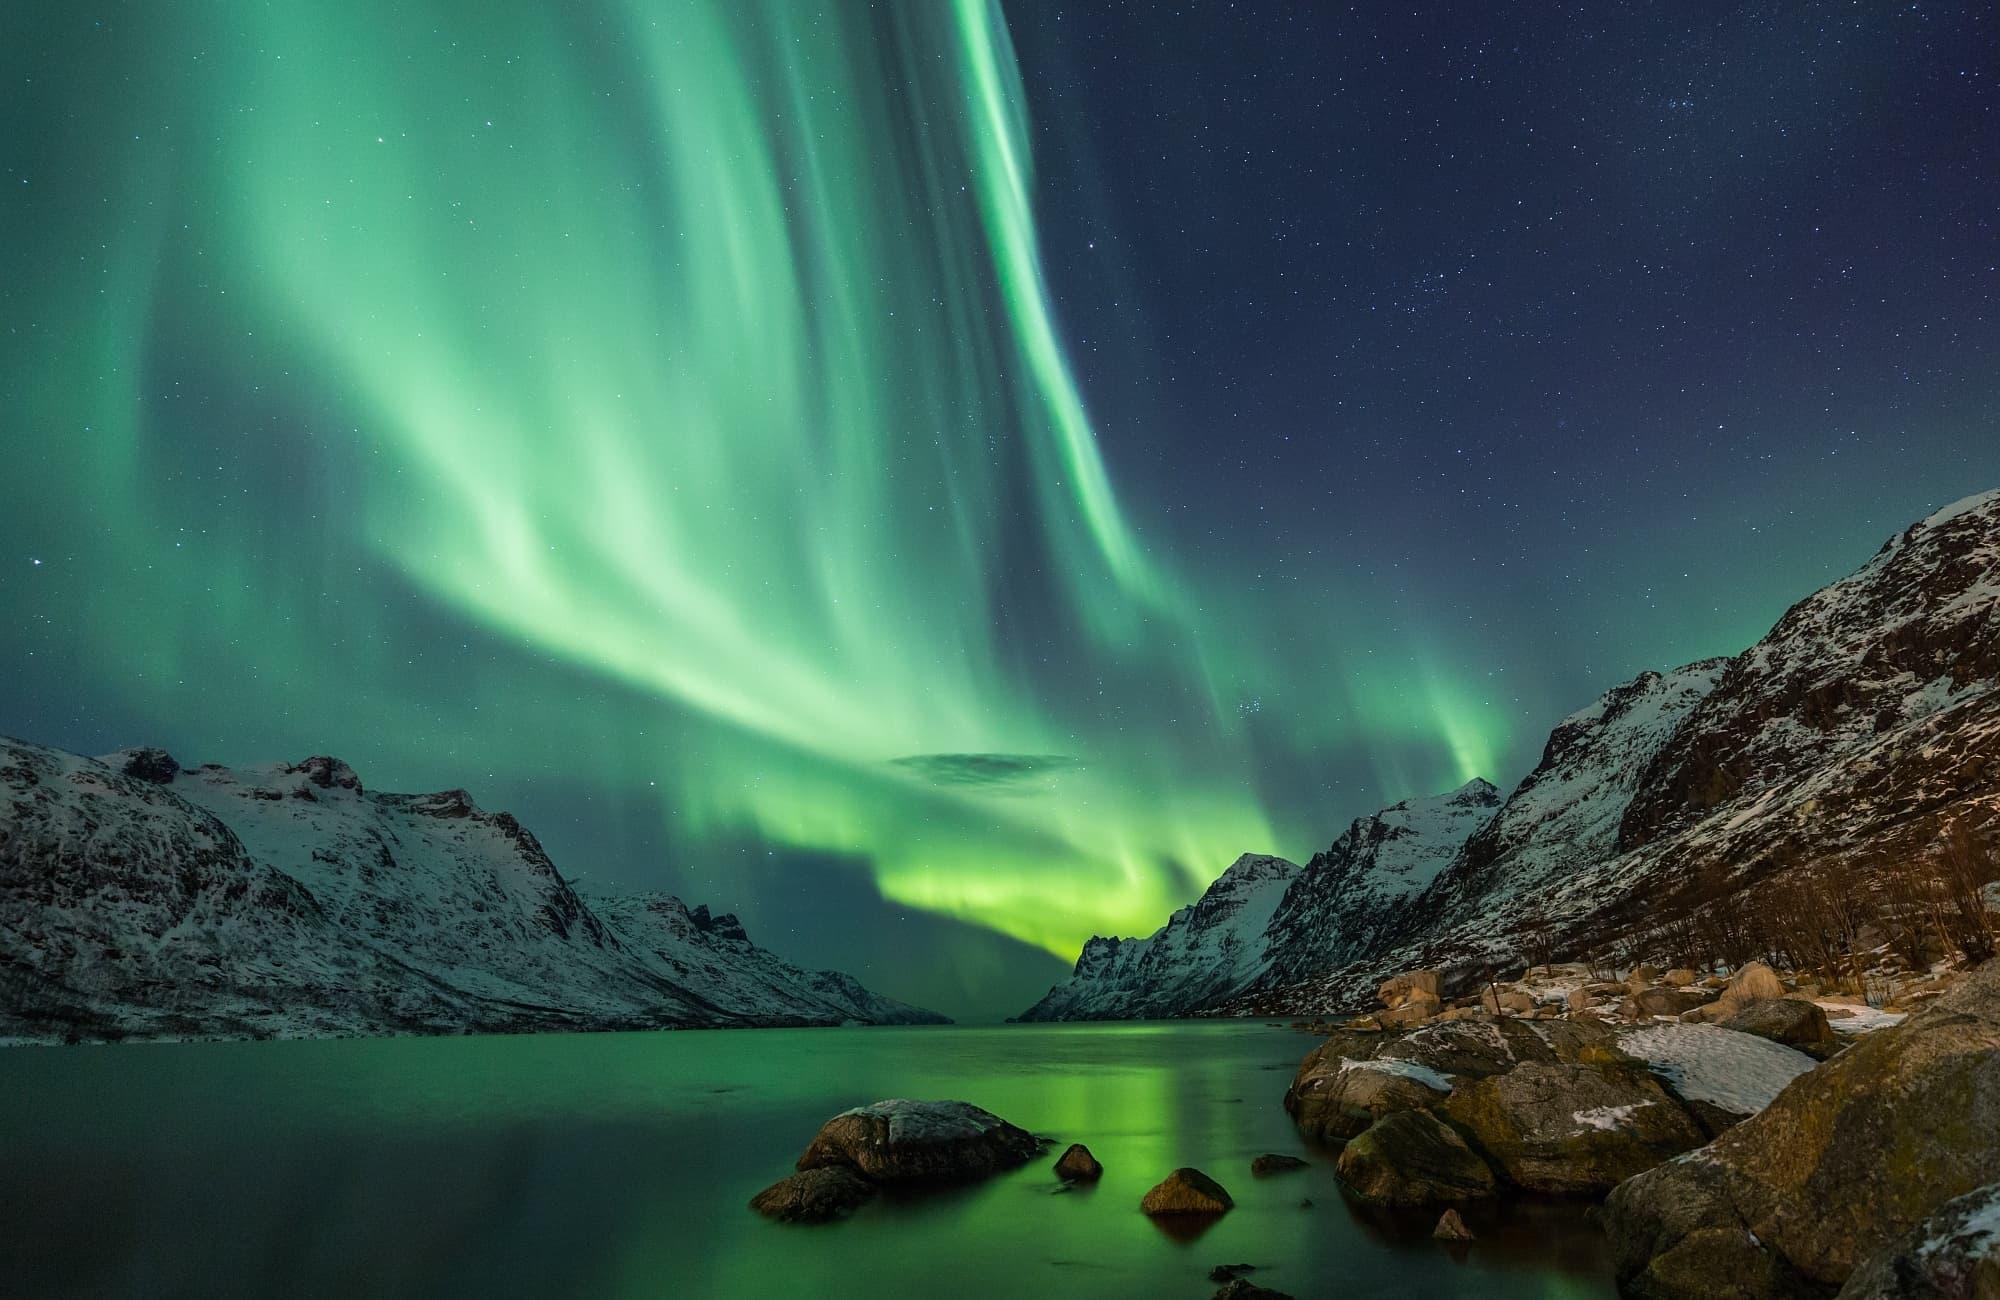 Les aurores boréales s'épanouissent dans le ciel islandais